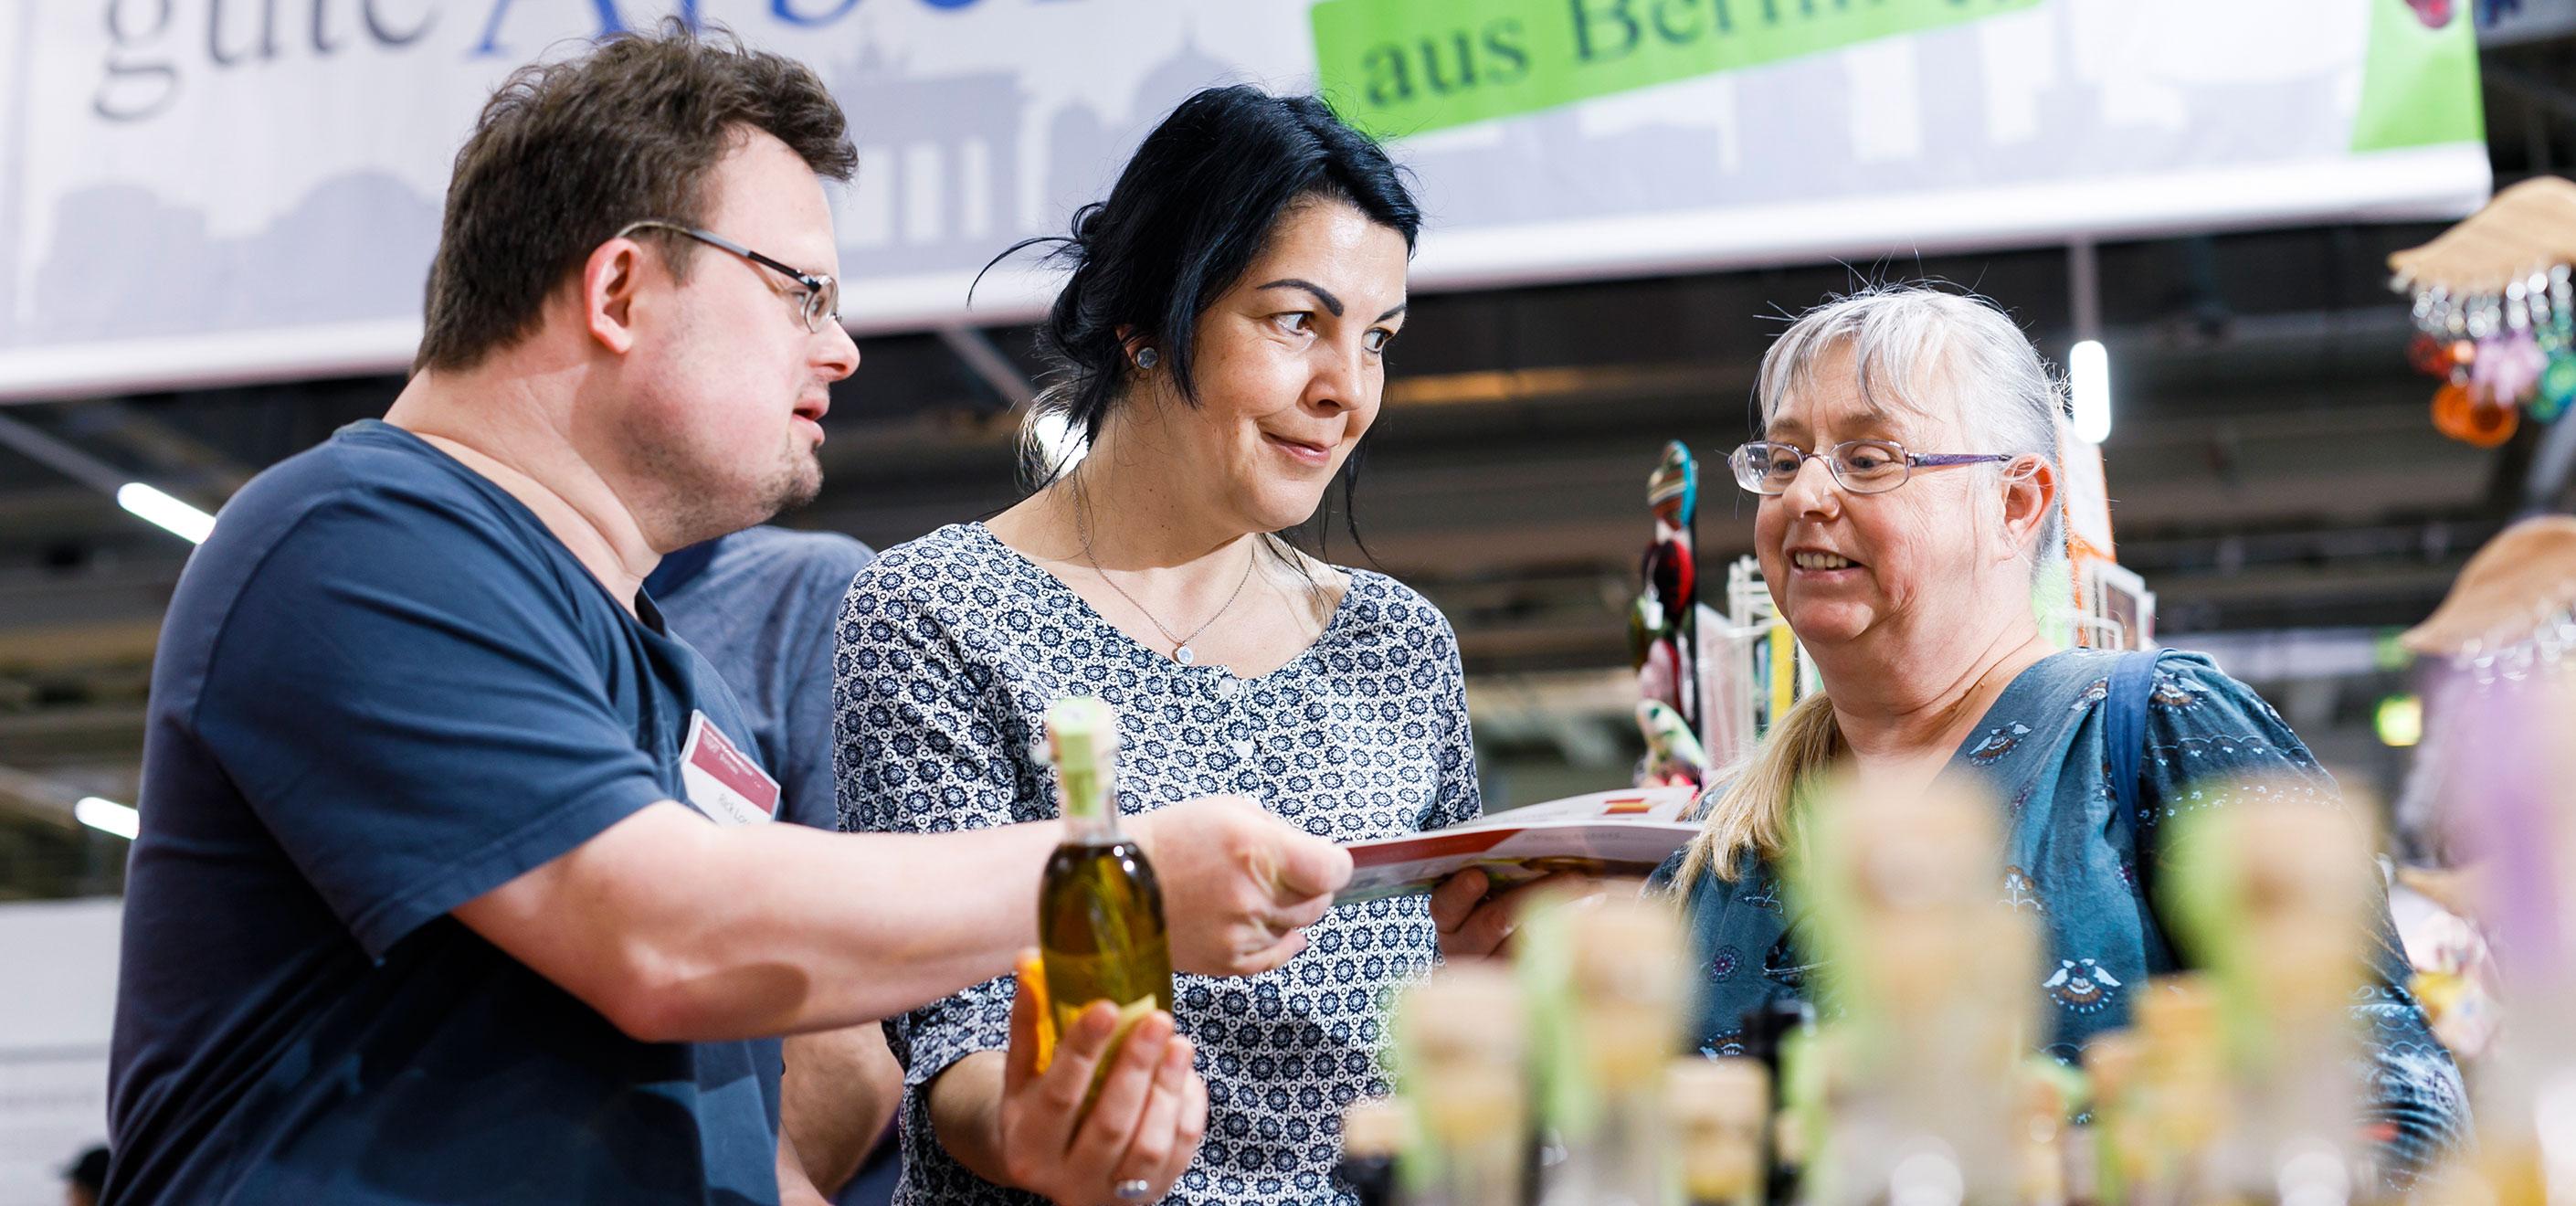 Rückblick Werkstätten:Messe 2020 - Sprachrohr